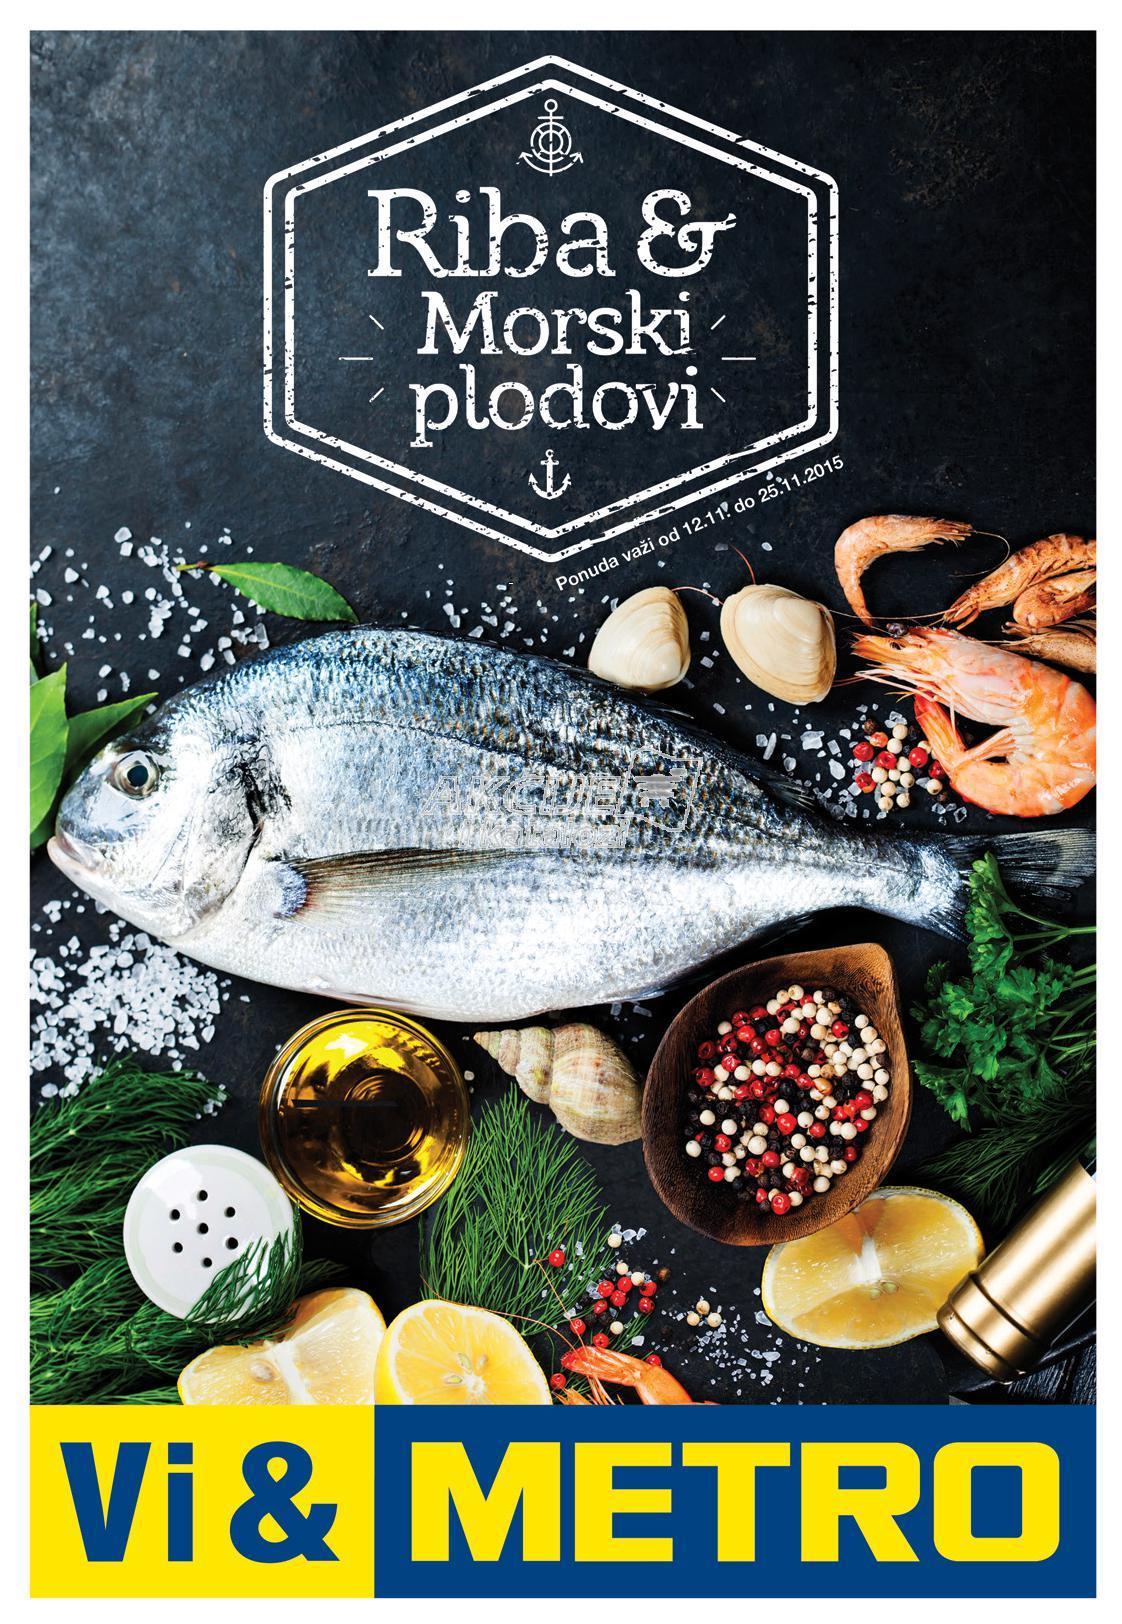 Metro - Redovna akcija super cene ribe i morskih plodova